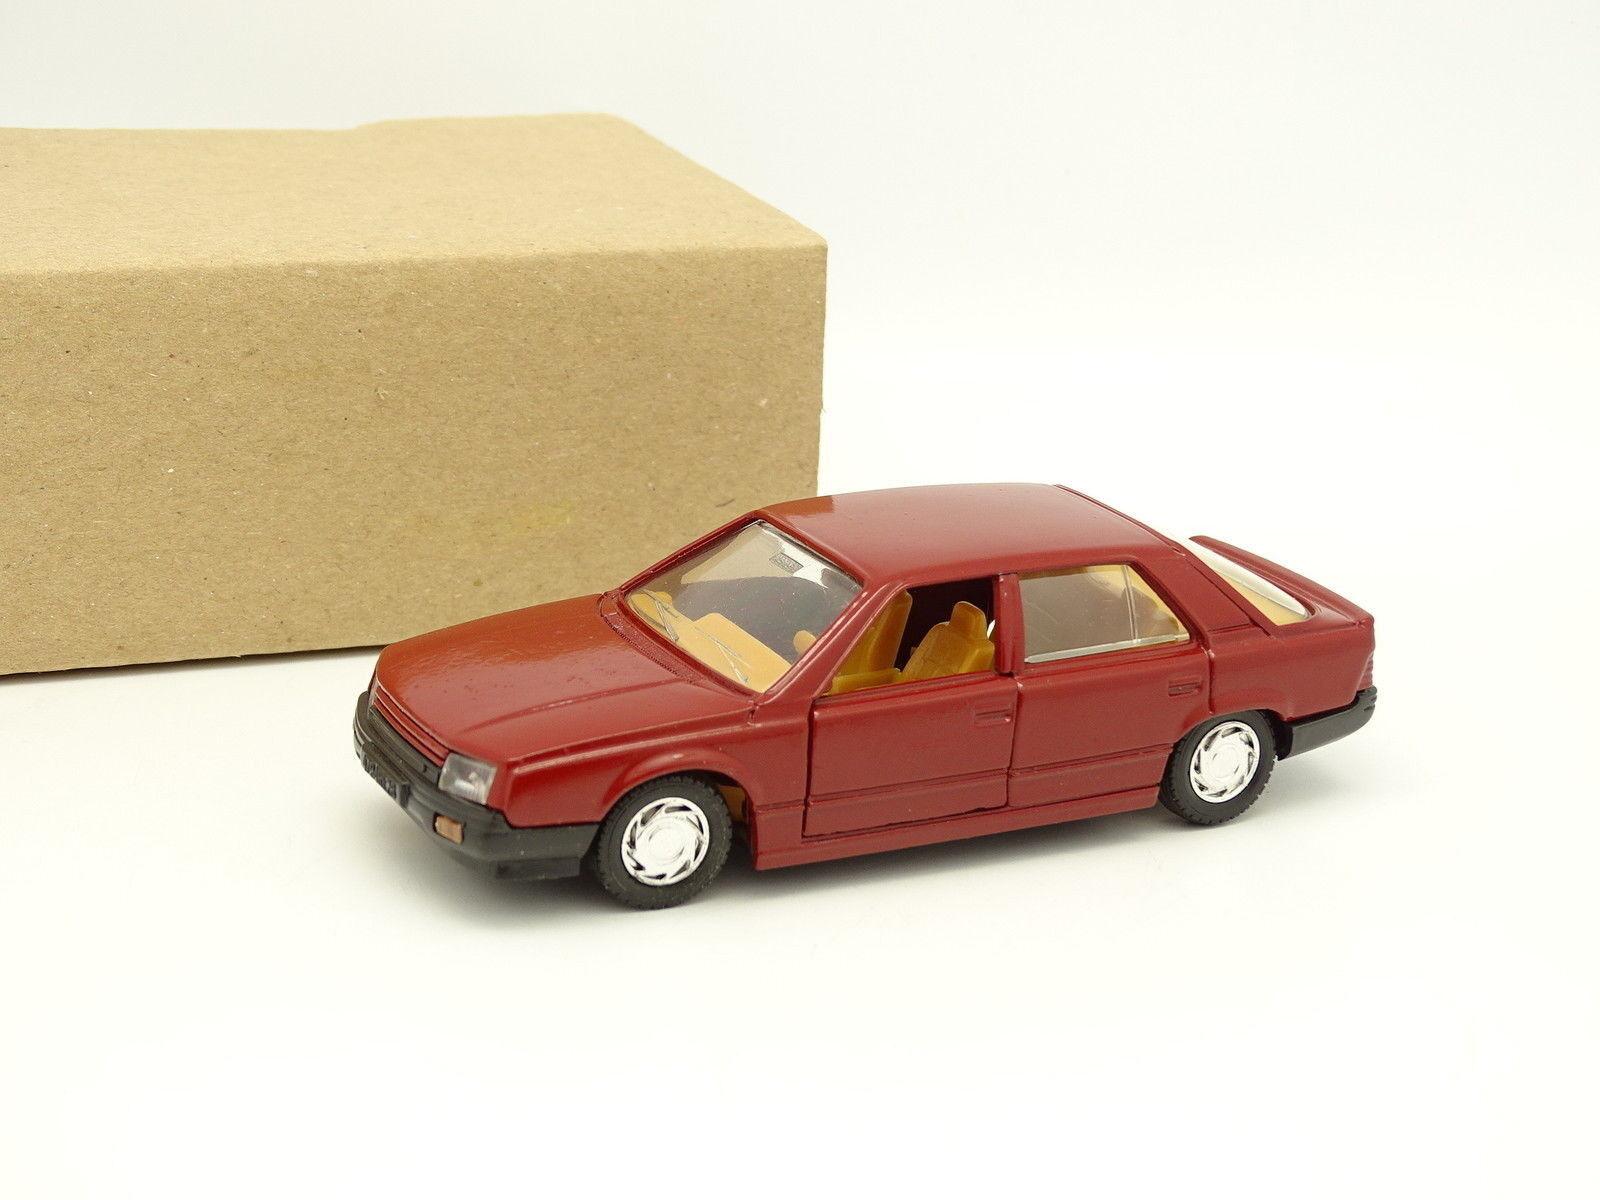 Solido Solido Solido SB 1 43 - Renault 25 red a0ba58